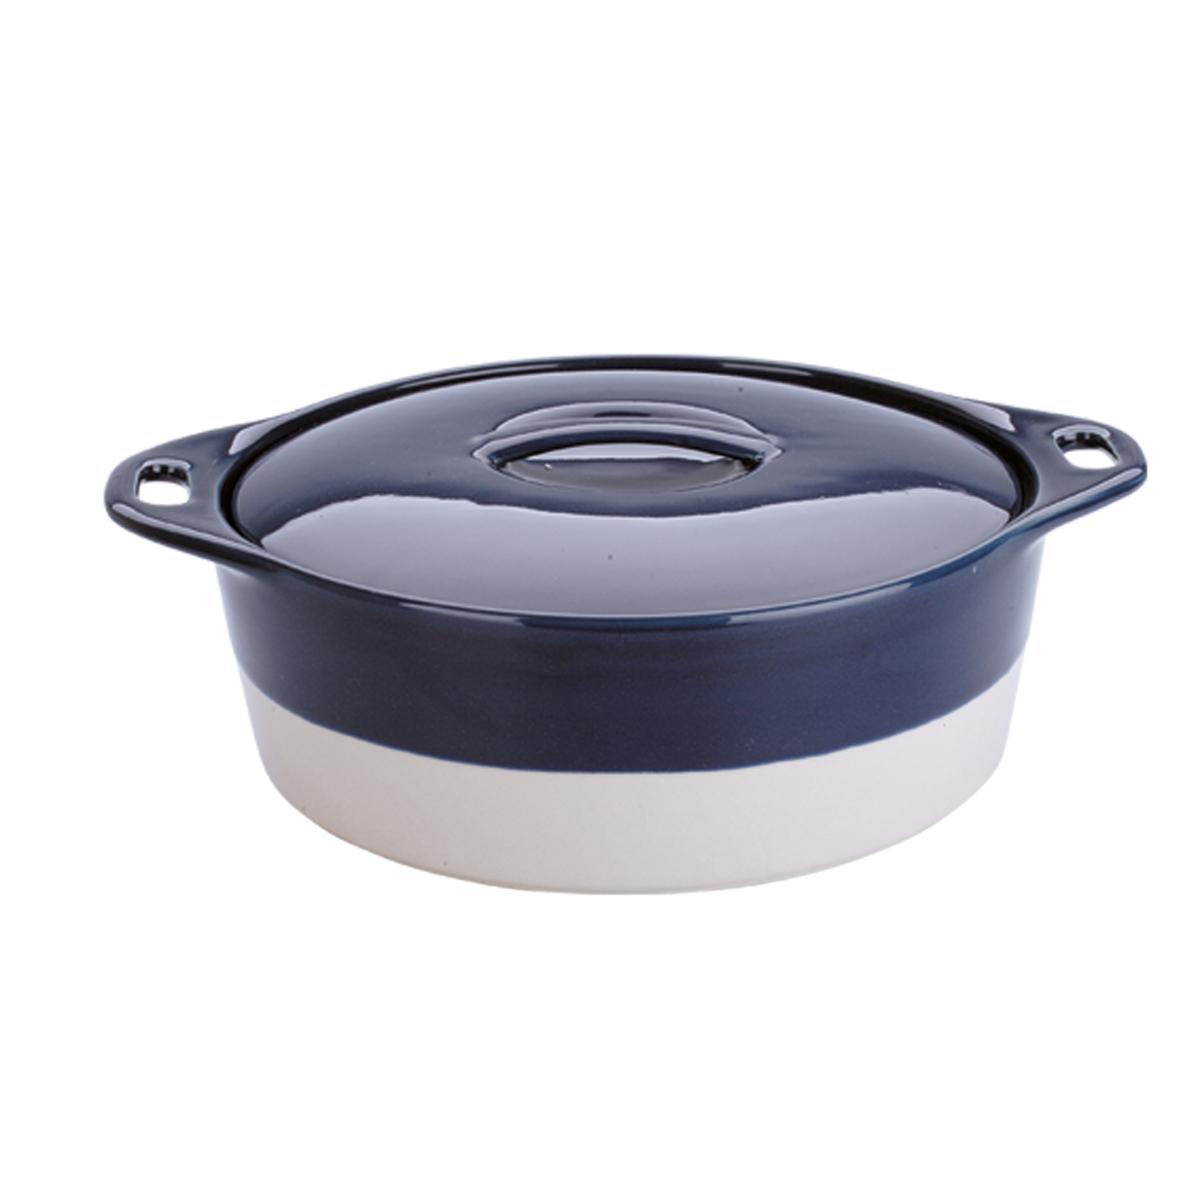 Керамическая кастрюля Dekok с крышкой 1,8лHR-1060Для приготовления блюд в духовке, мкроволновой печи, для хранения в холодильнике и морозильной камере. Устойчива к температурам от -20 до +210 С. В комплекте крышка.